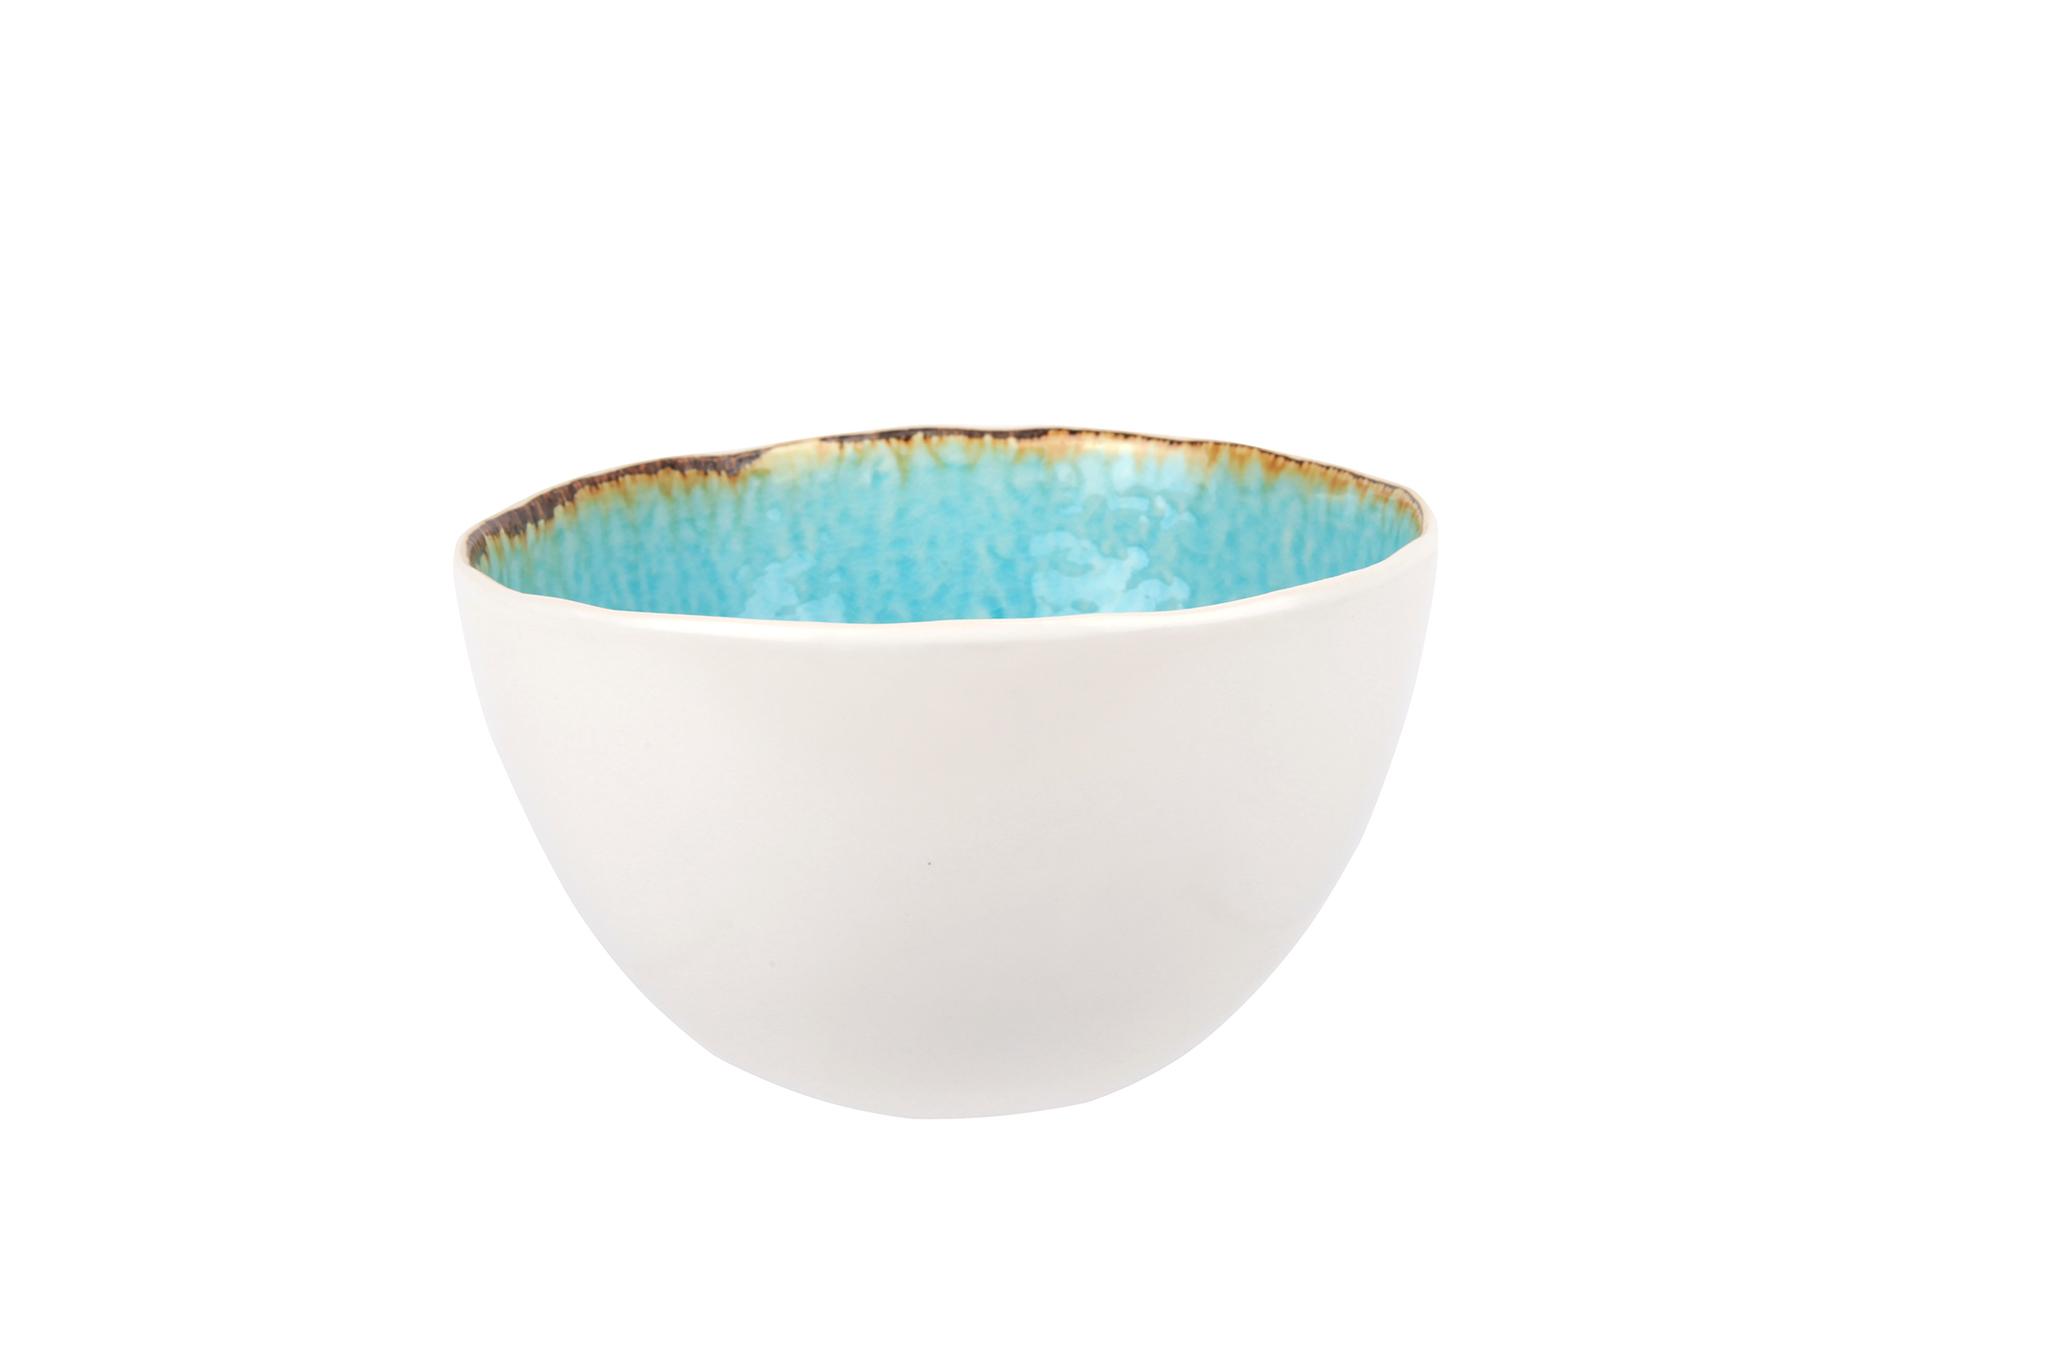 Миска 14х8,5 см COSY&amp;TRENDY Laguna azzuro 2835632Миски и чаши<br>Миска 14х8,5 см COSY&amp;TRENDY Laguna azzuro 2835632<br><br>Эта коллекция из каменной керамики поражает удивительным цветом, текстурой и формой. Ярко-голубой оттенок с волнистым рельефом погружают в райскую лагуну. Органические края для дополнительного дизайна. Коллекция Laguna Azzuro воссоздает исключительный внешний вид приготовленных блюд.<br>